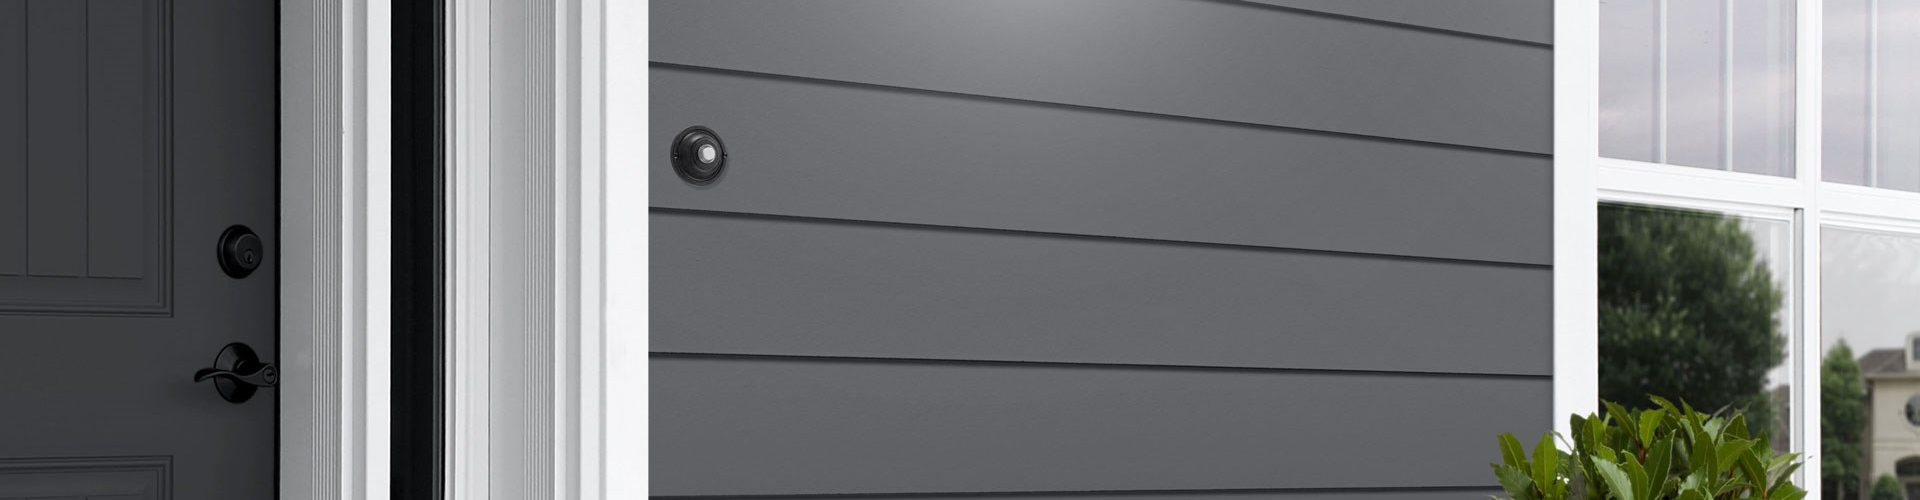 Cedral Classic C18 Öine ookean - ülekattega sile voodrilaud